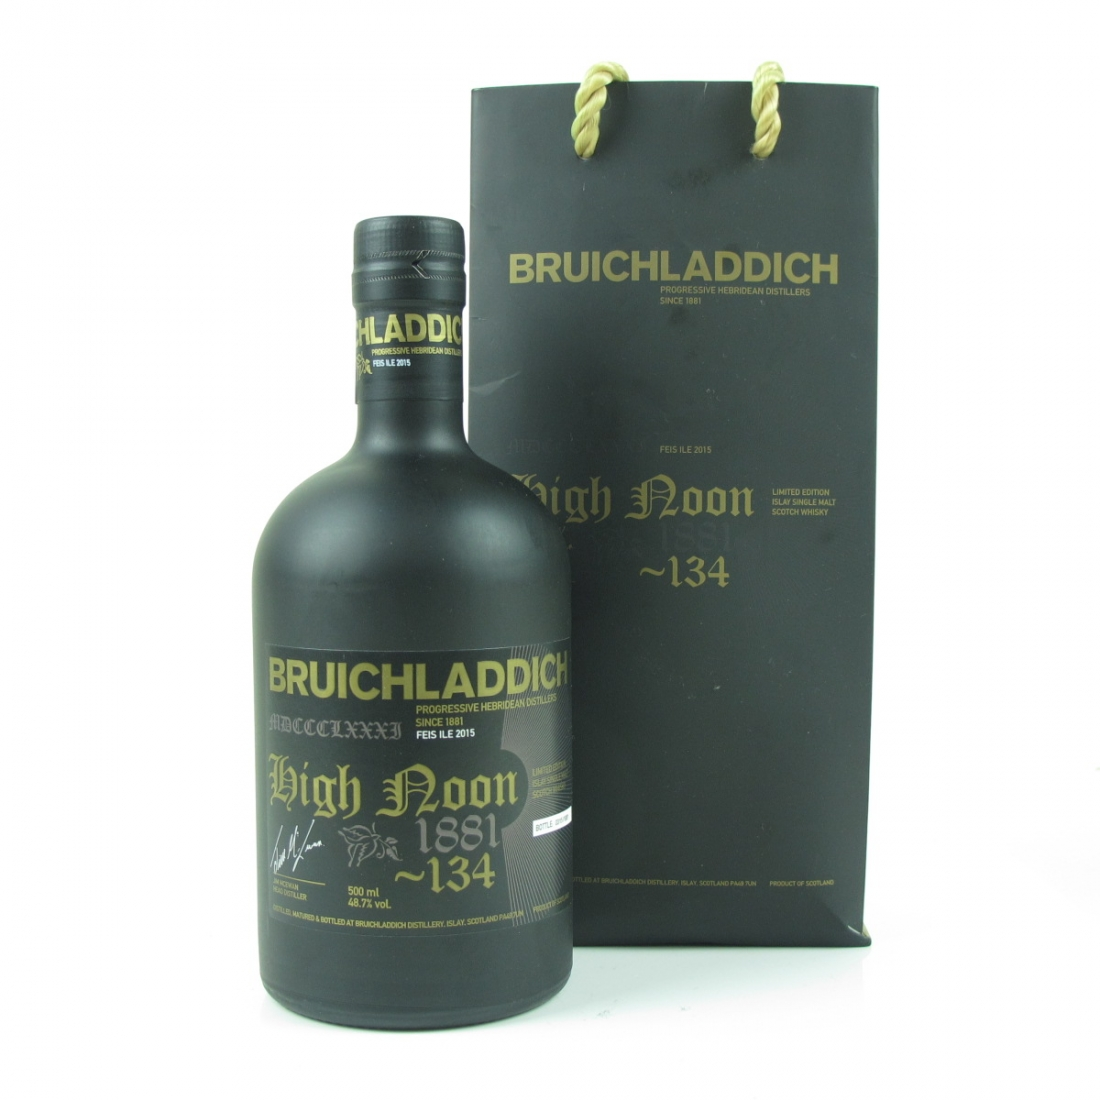 Bruichladdich Black Art High Noon